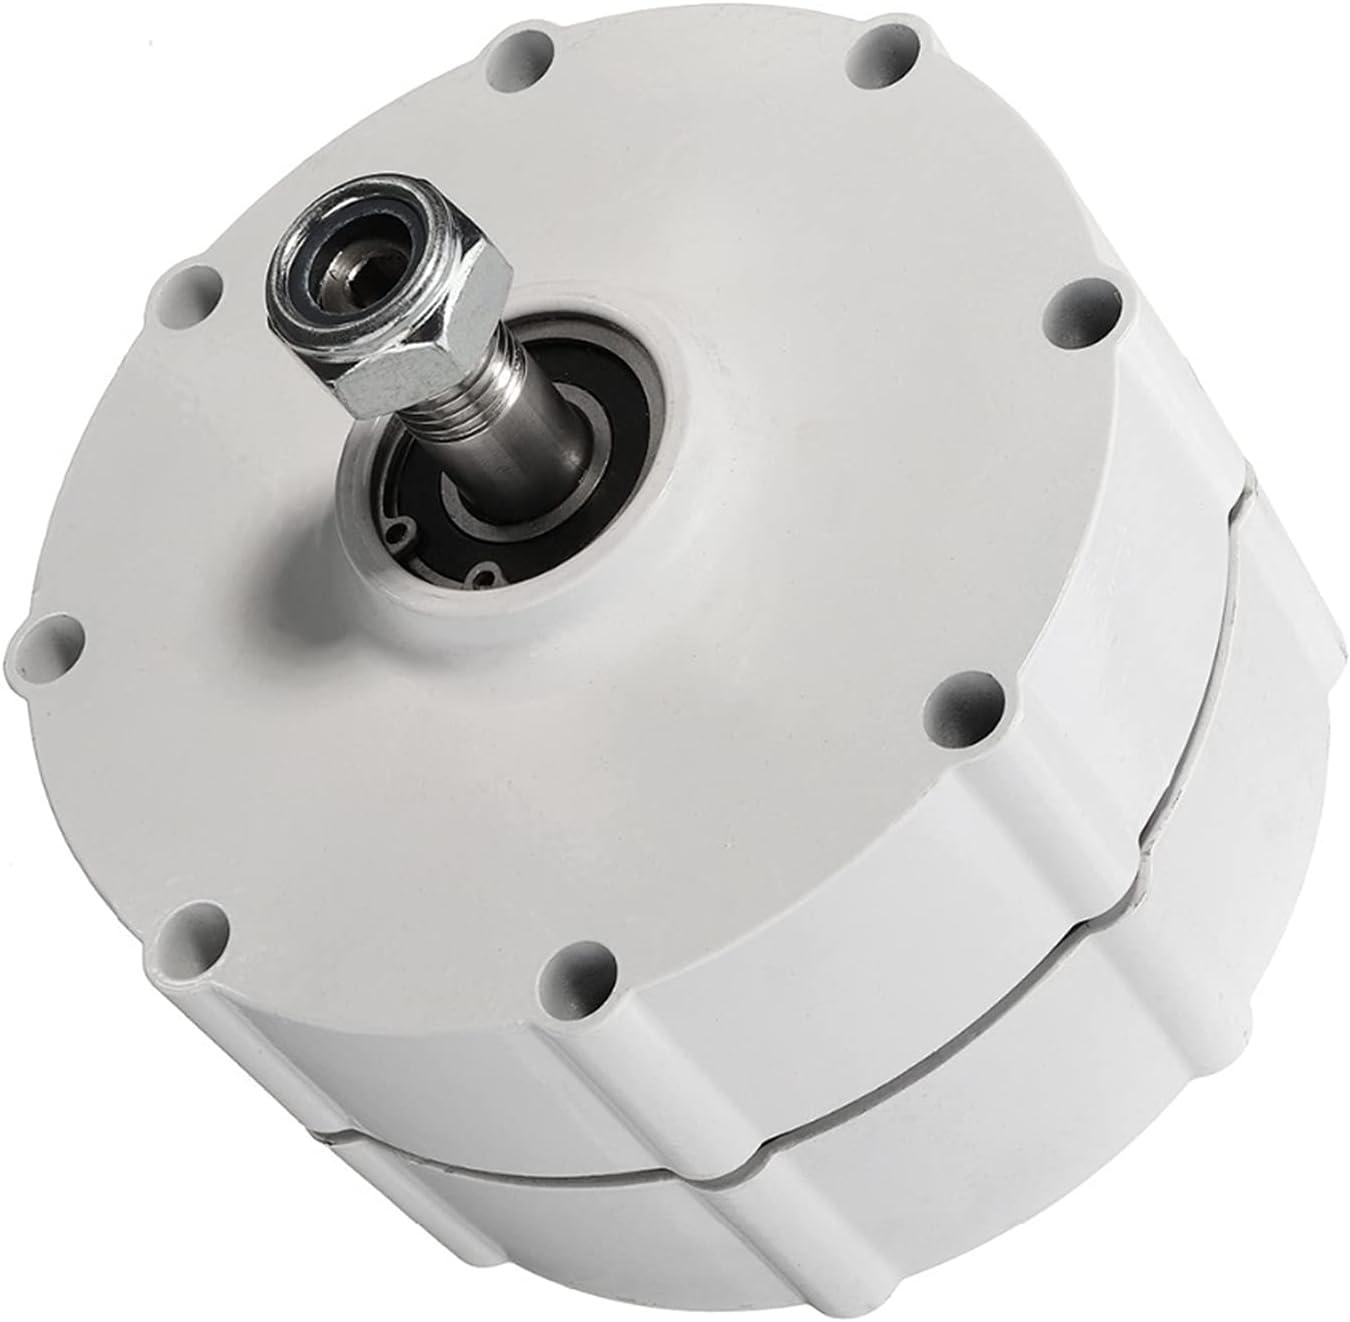 Tqing Baja Velocidad 6000W 12V 24V 48V Pequeño generador de imán Permanente Alternadores de CA para turbina de Viento de Bricolaje o turbina de Agua